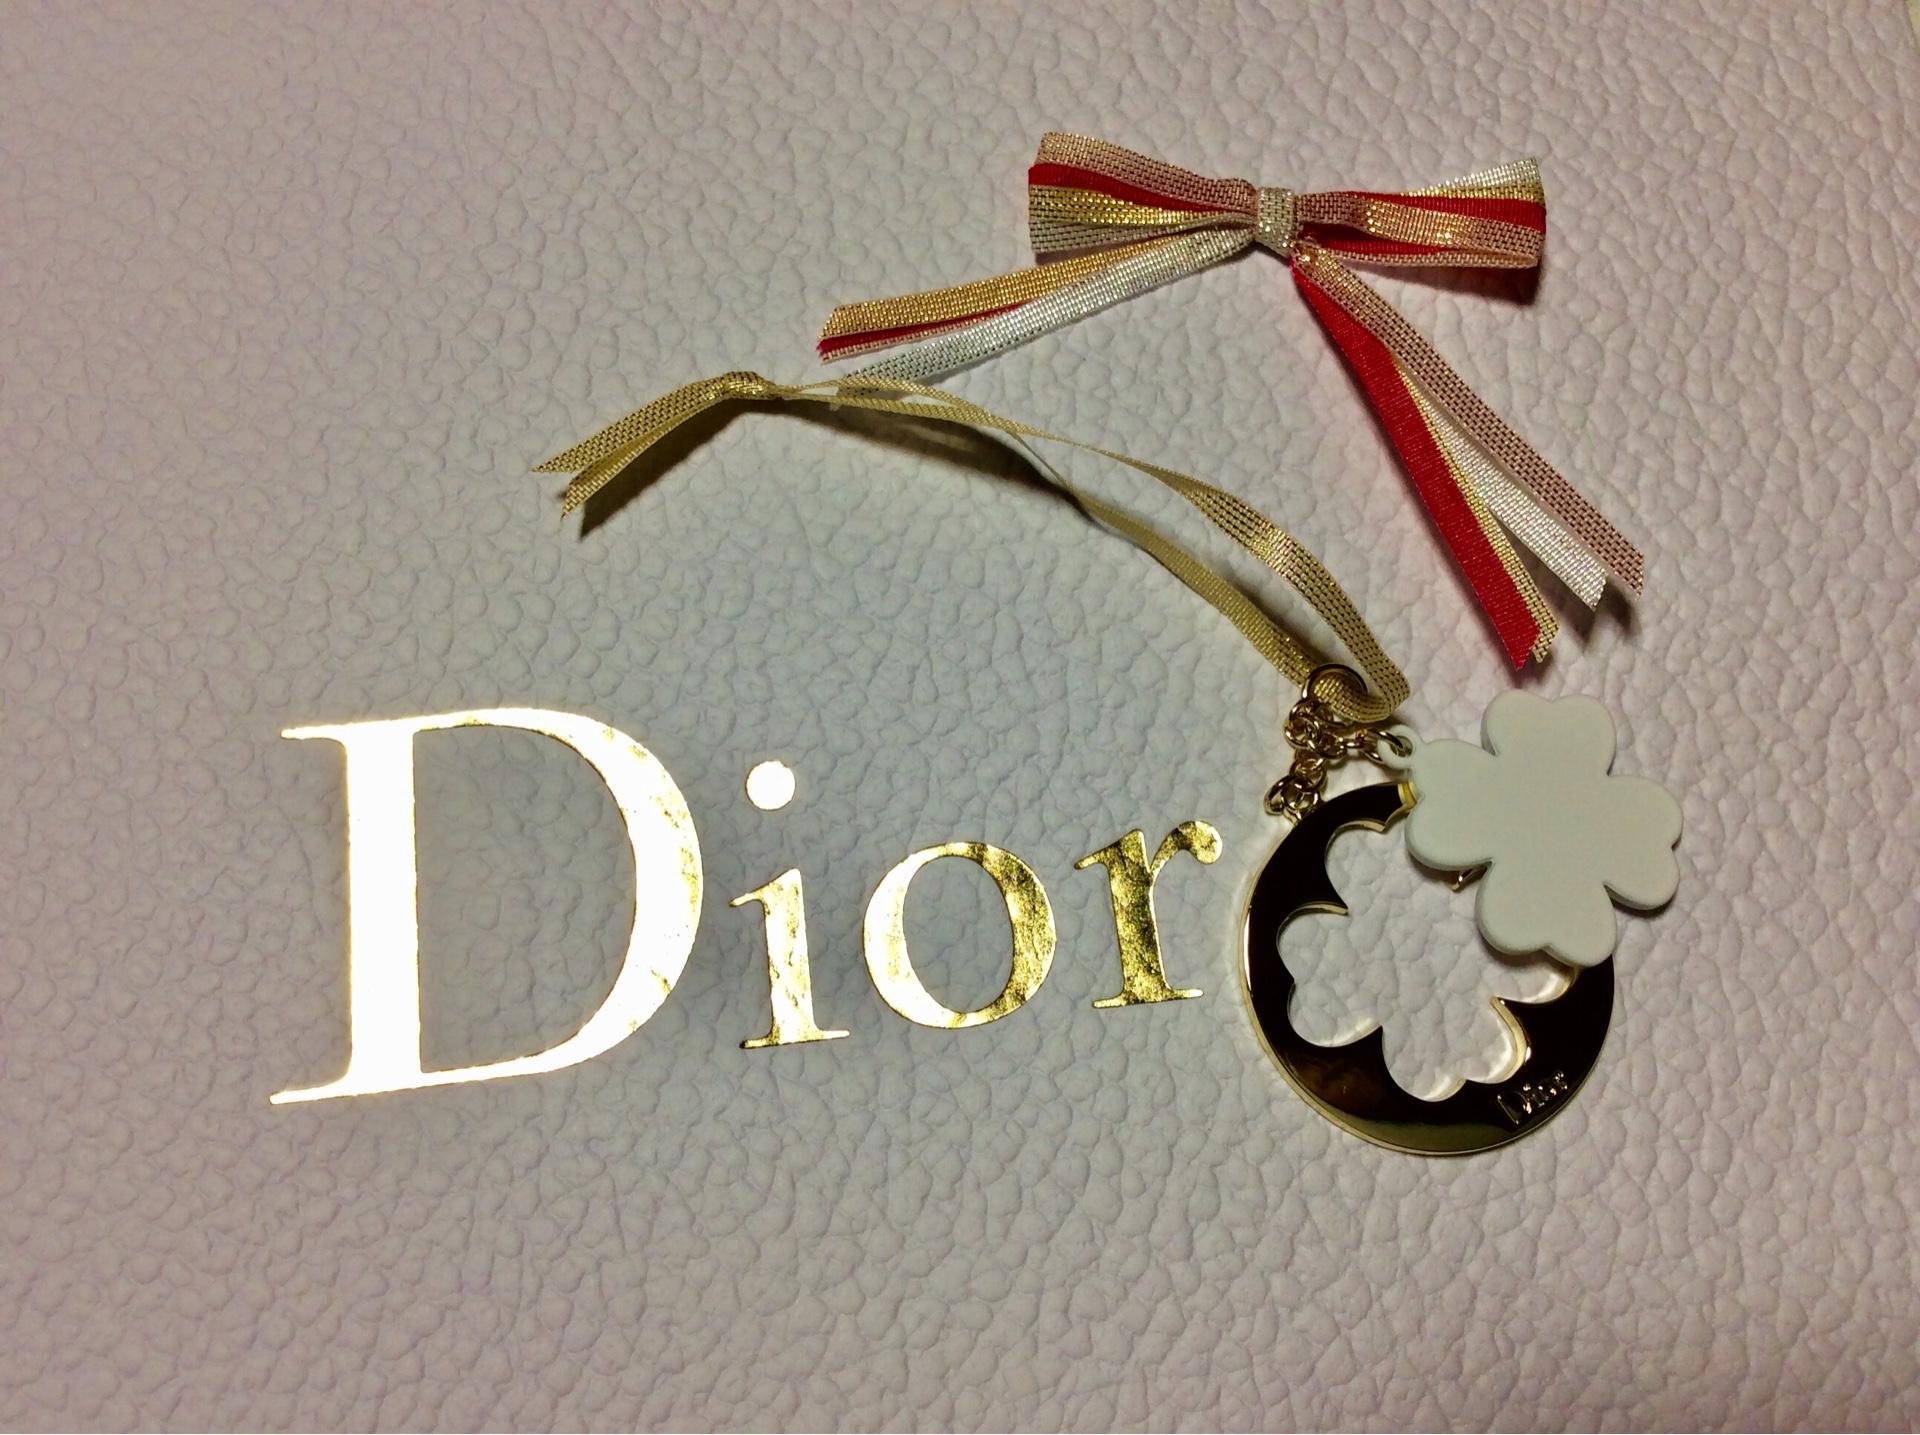 ホリデーシーズンは、Diorのラッピングもクリスマス仕様